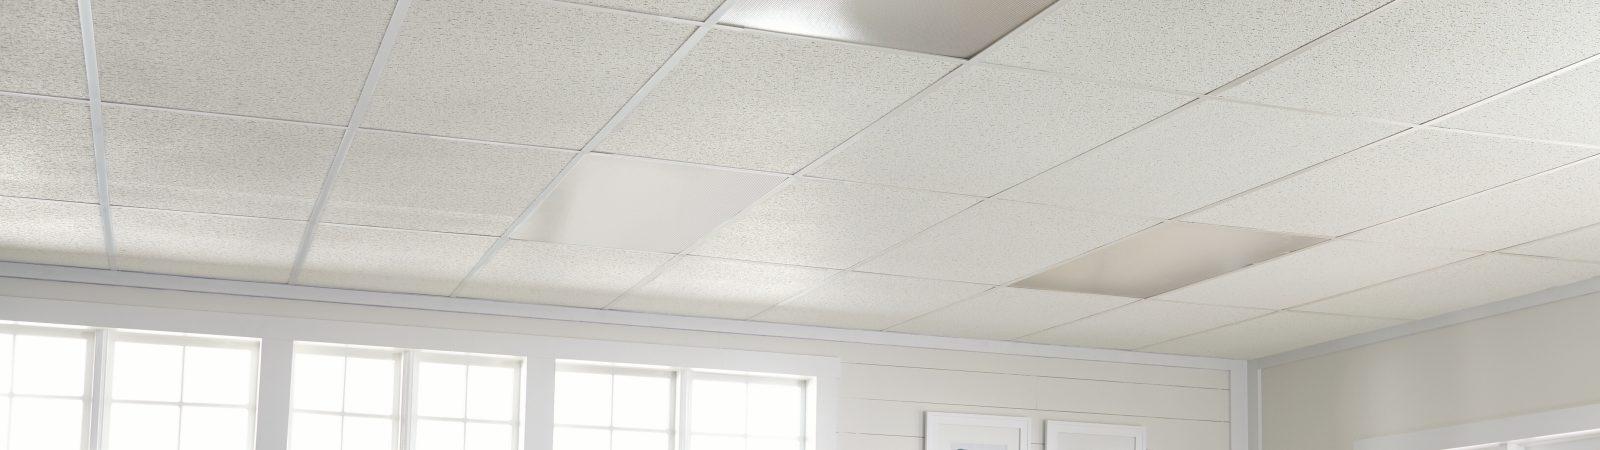 Textured Look Ceilings